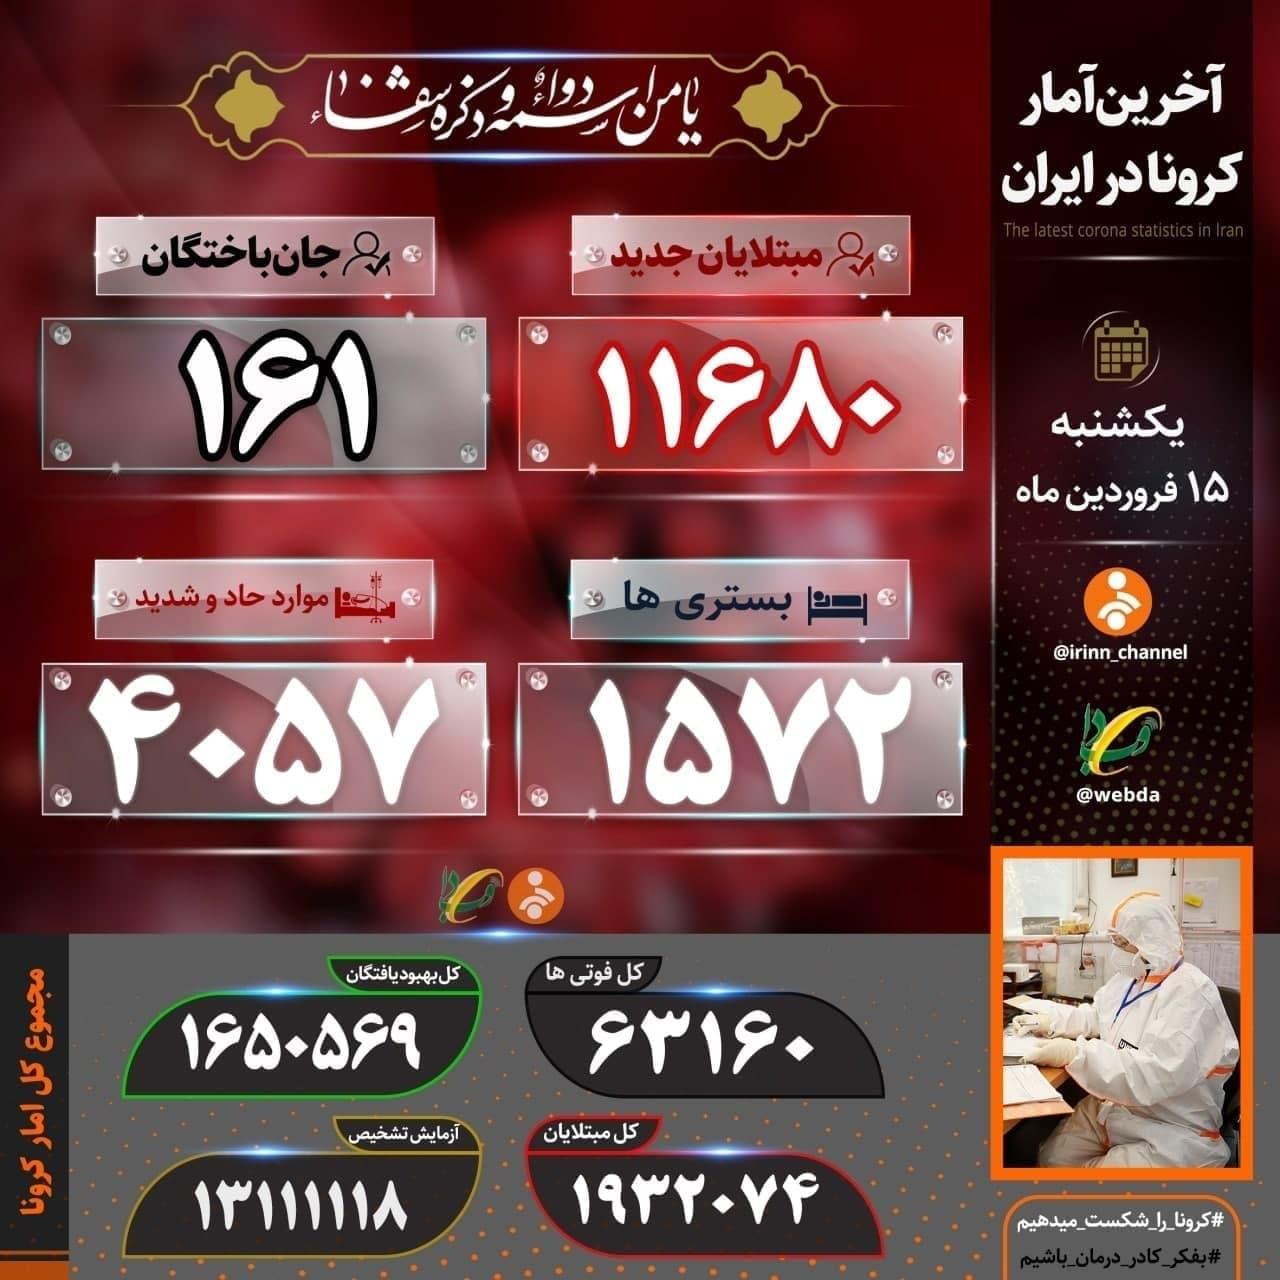 آخرین آمار کرونا ویروس در ایران 15 فروردین1400/ افزایش چشمگیر آمار فوتیهای کرونا + سند